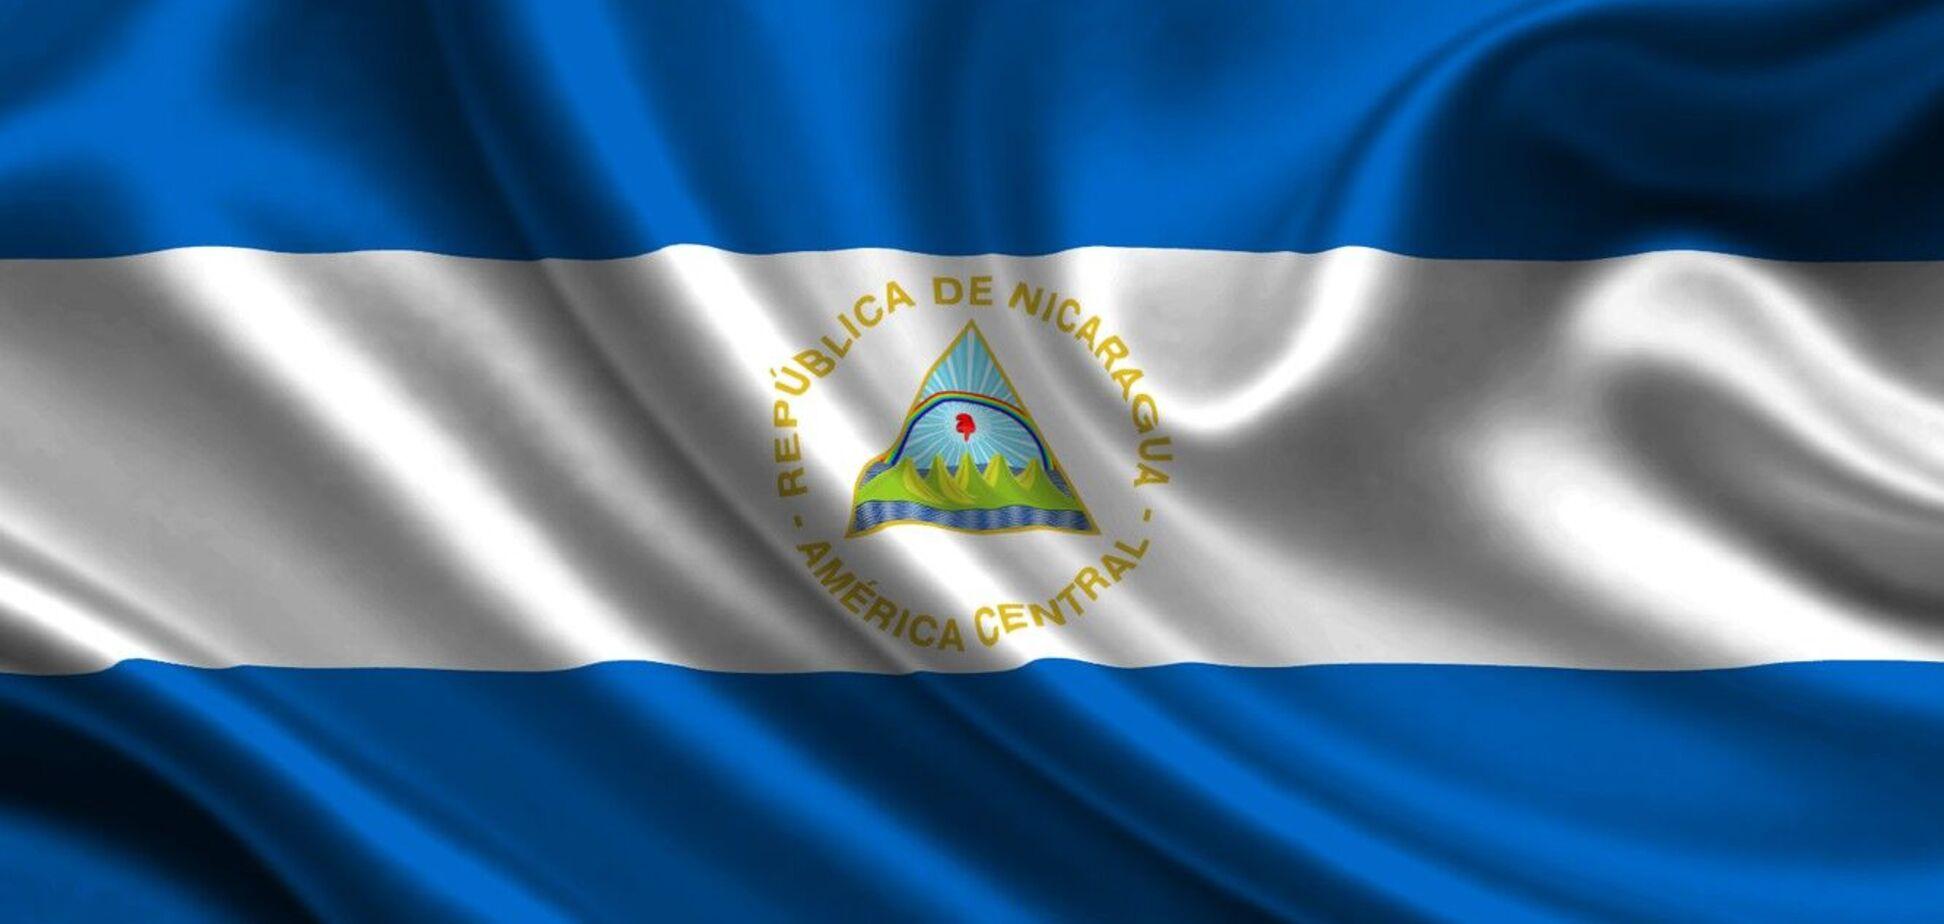 Никарагуа незаконно открыло 'почетное консульство' в оккупированном Крыму